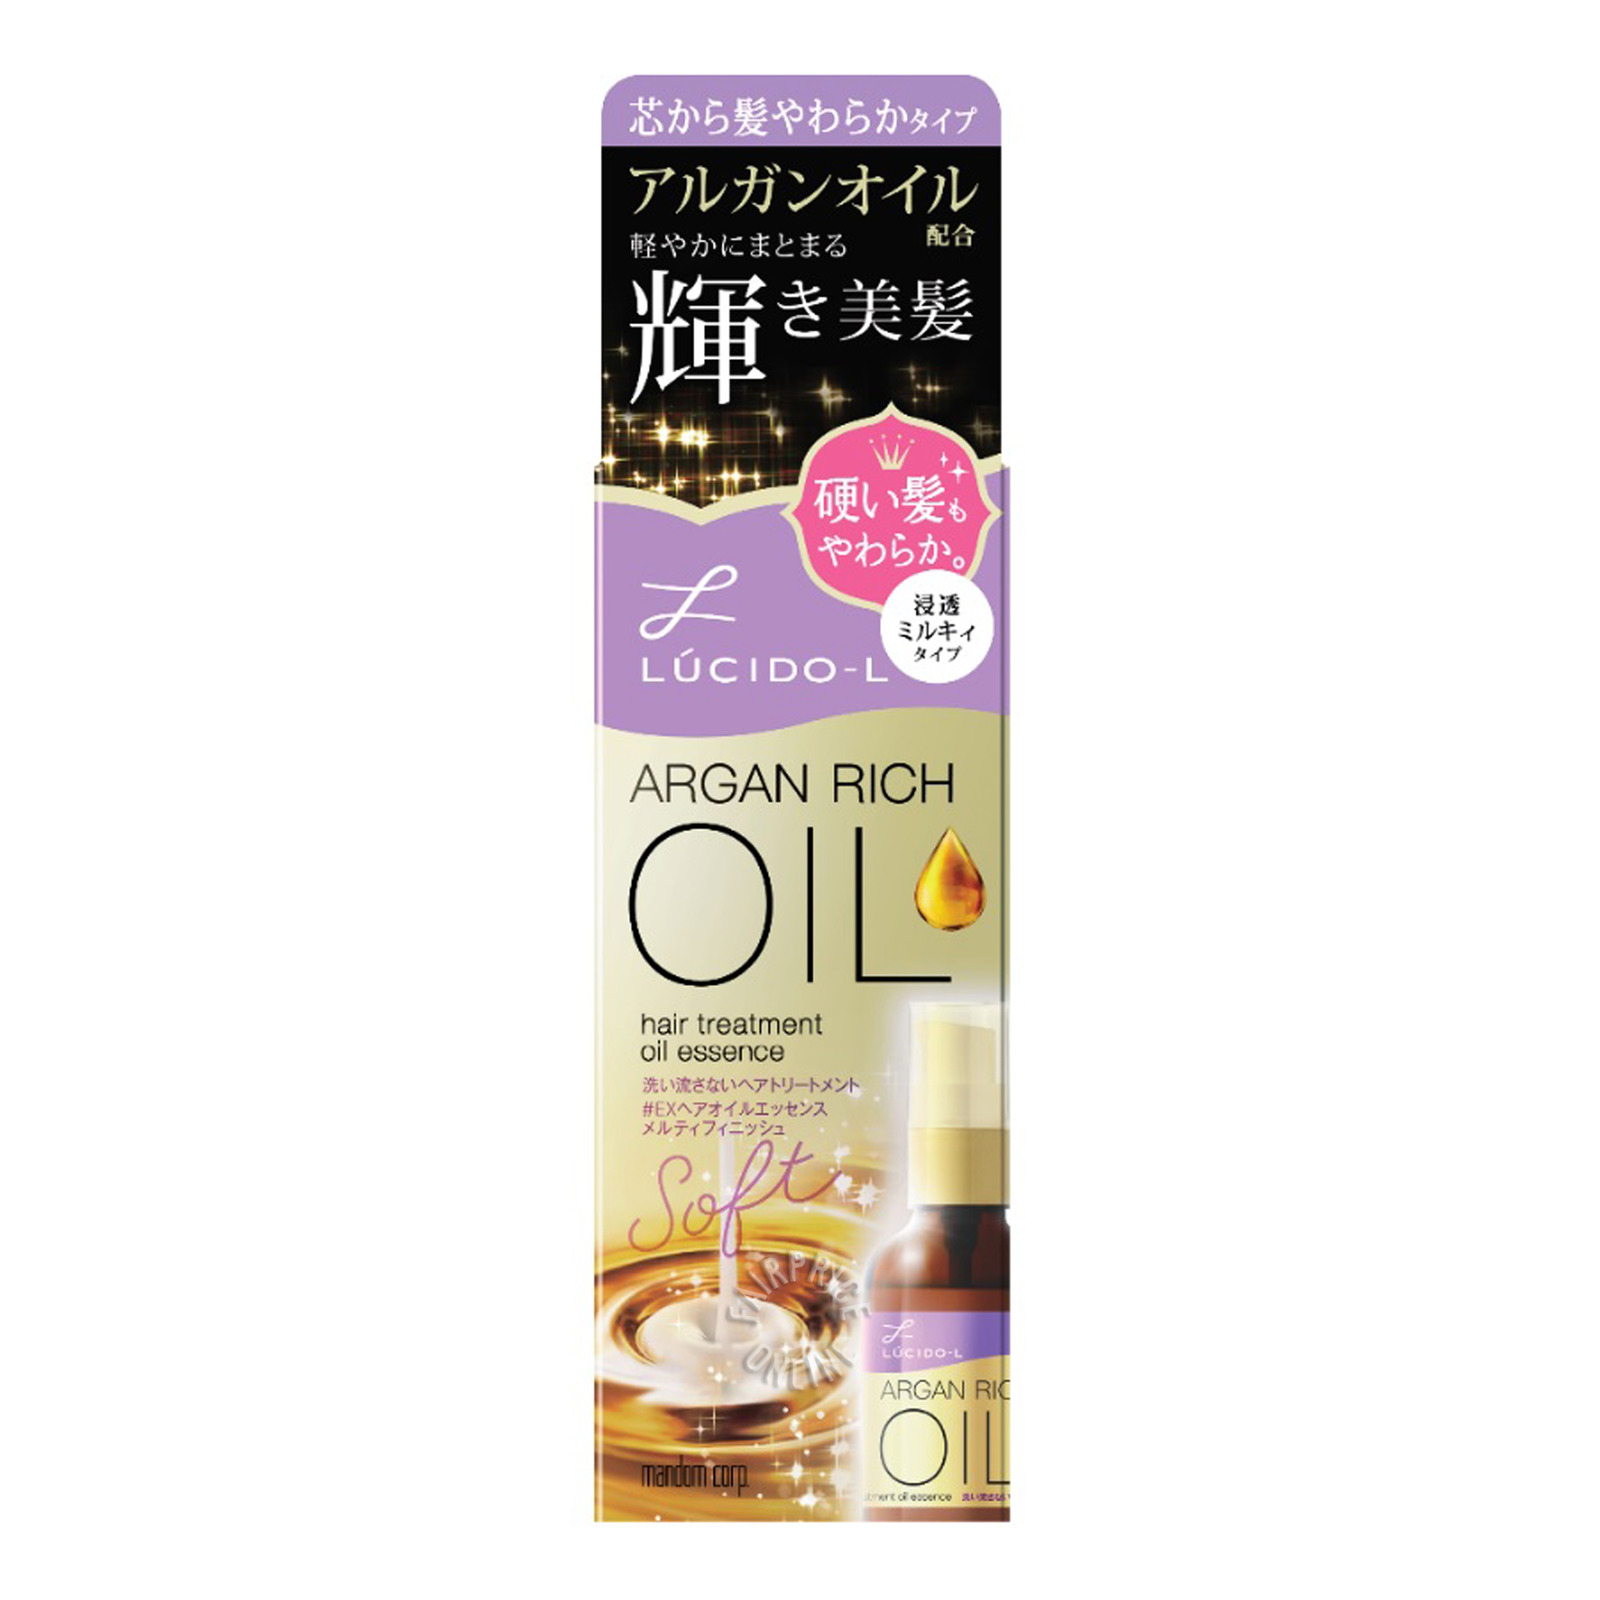 LUCIDO L argan rich oil hair treatment oil essence 60ml